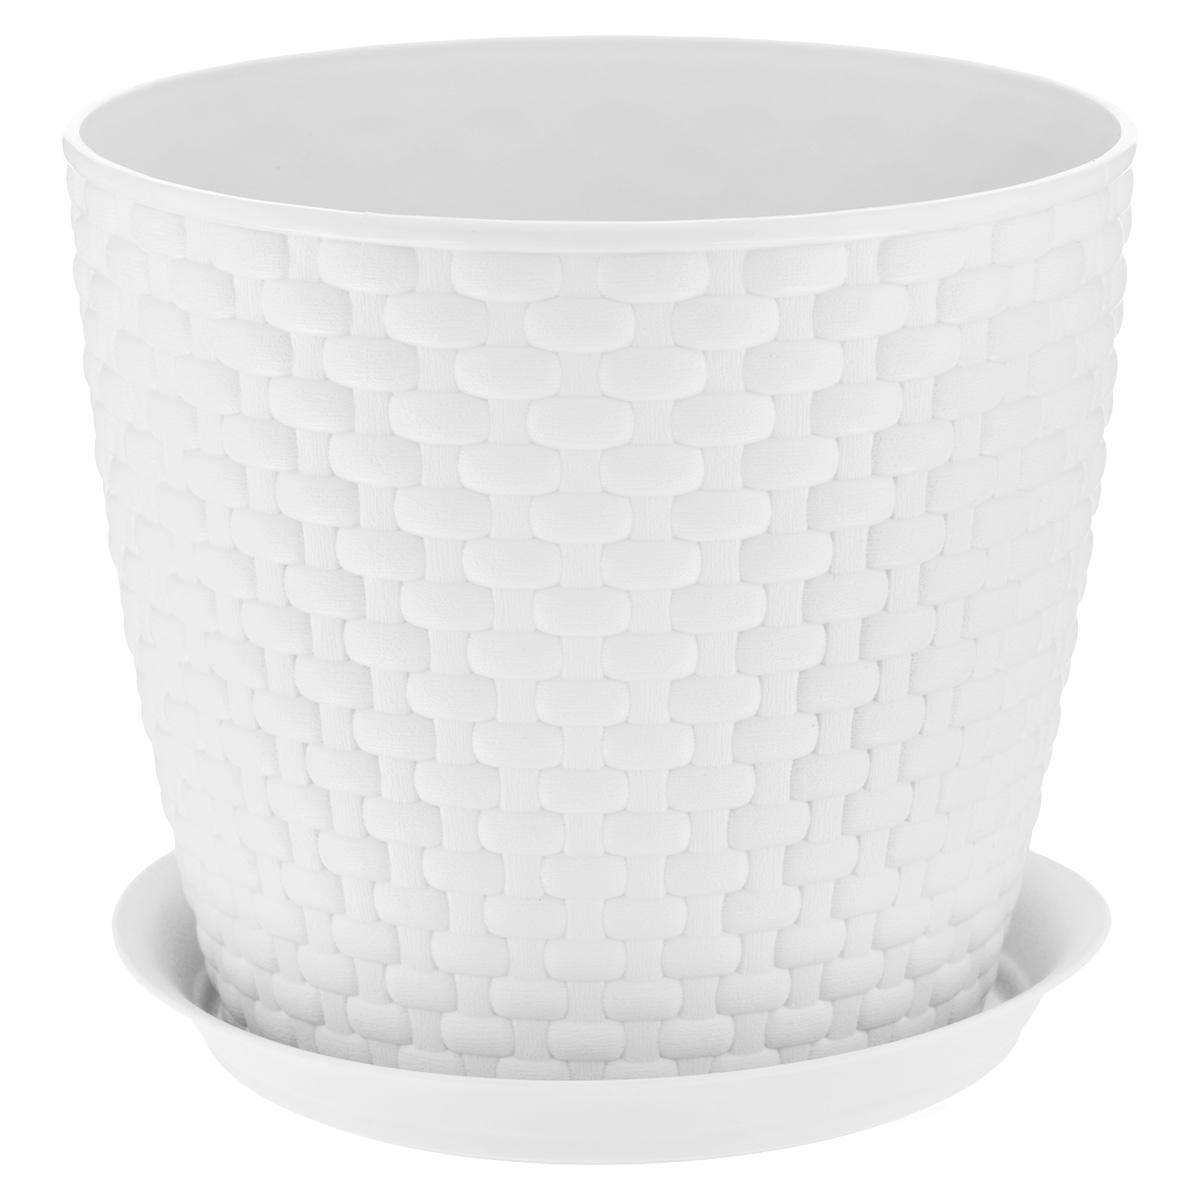 Кашпо Idea Ротанг, с поддоном, цвет: белый, 4,7 лМ 3083Кашпо Idea Ротанг изготовлено из высококачественного пластика. Специальный поддон предназначен для стока воды. Изделие прекрасно подходит для выращивания растений и цветов в домашних условиях. Лаконичный дизайн впишется в интерьер любого помещения. Диаметр поддона: 19,5 см. Объем кашпо: 4,7 л. Диаметр кашпо по верхнему краю: 21 см. Высота кашпо: 18 см.